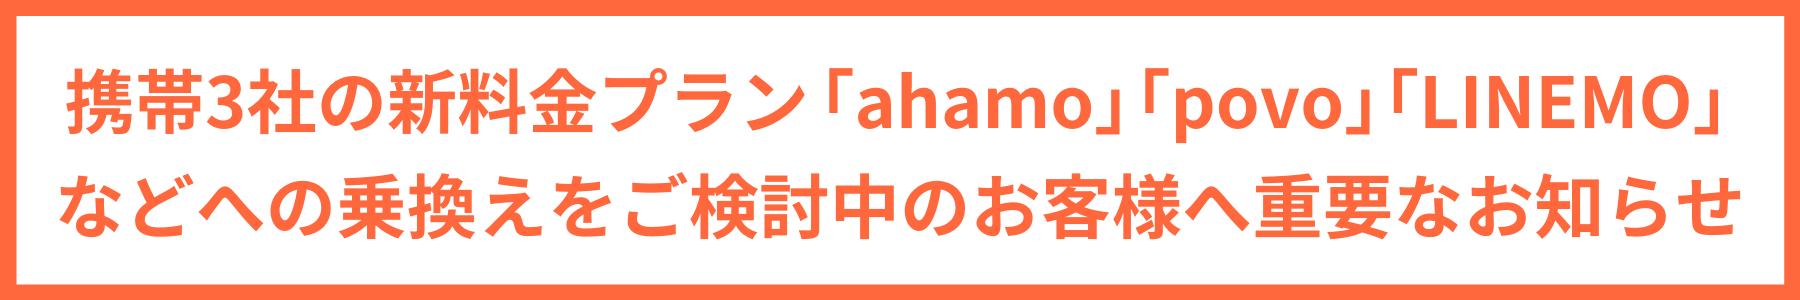 携帯3社の新料金プラン「ahamo」「povo」「LINEMO」などへの乗り換えをご検討中のお客さまへ|EPARKスポーツ